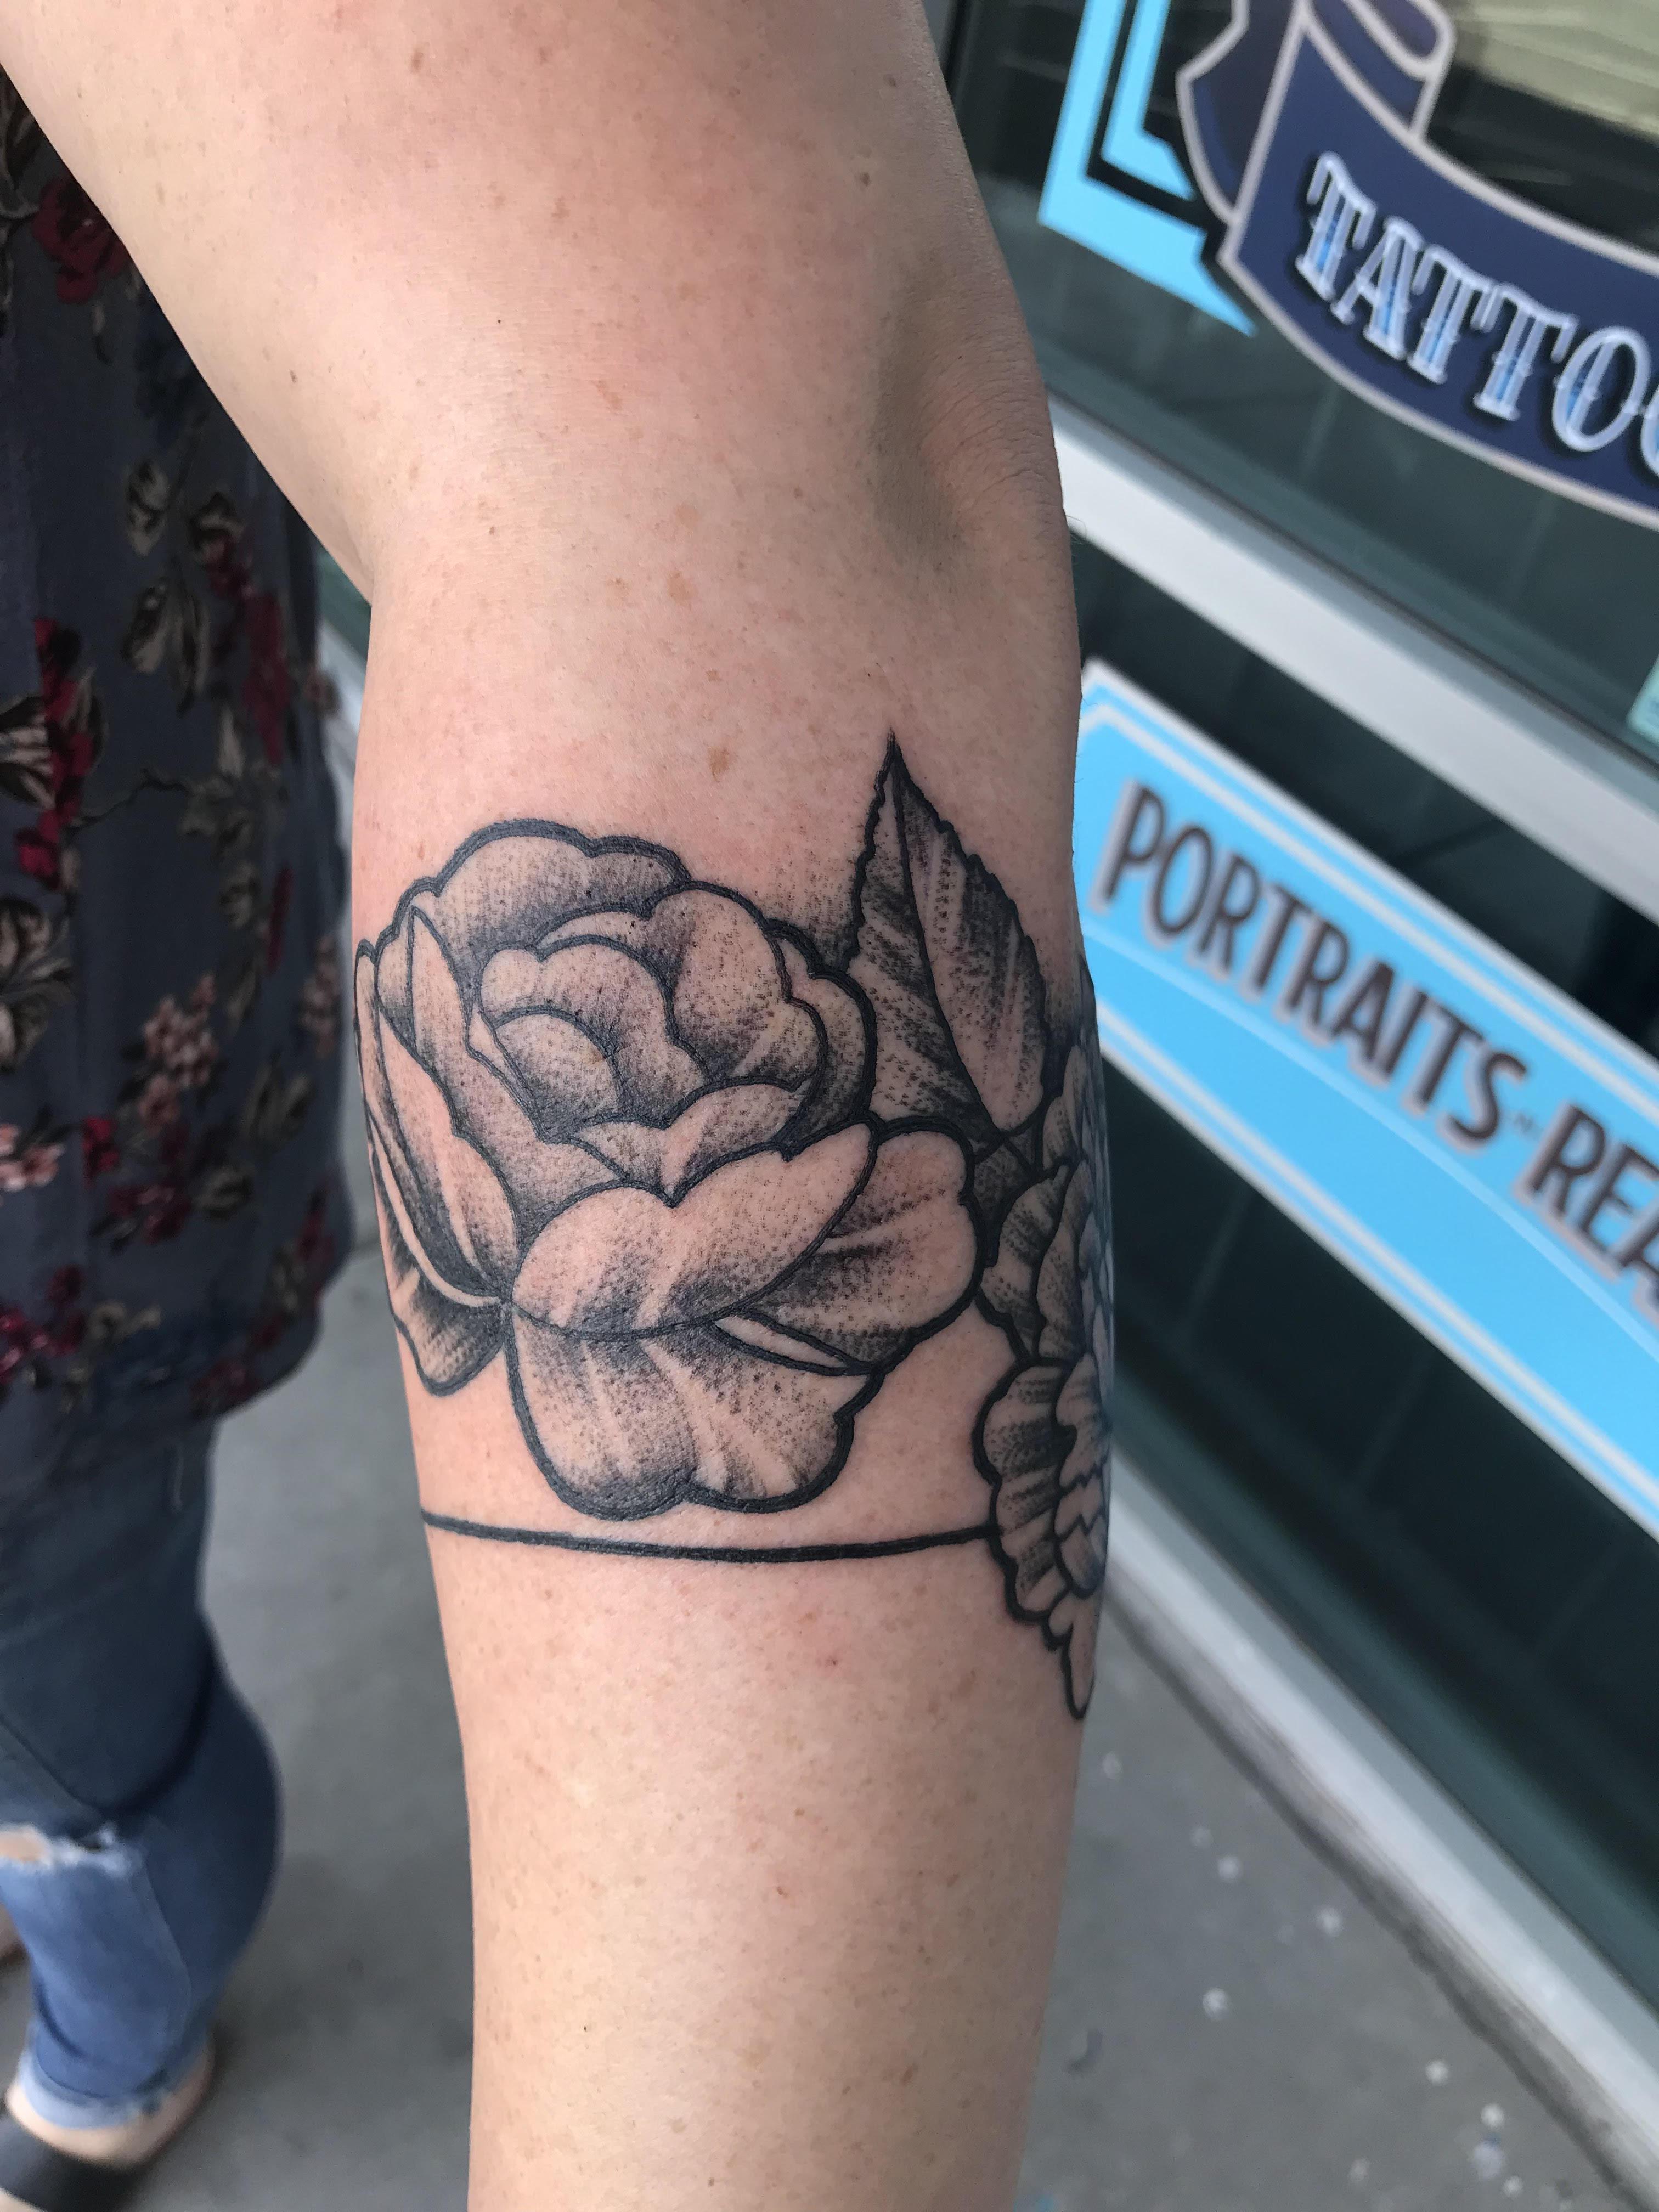 dot work flower tattoo by Krystof